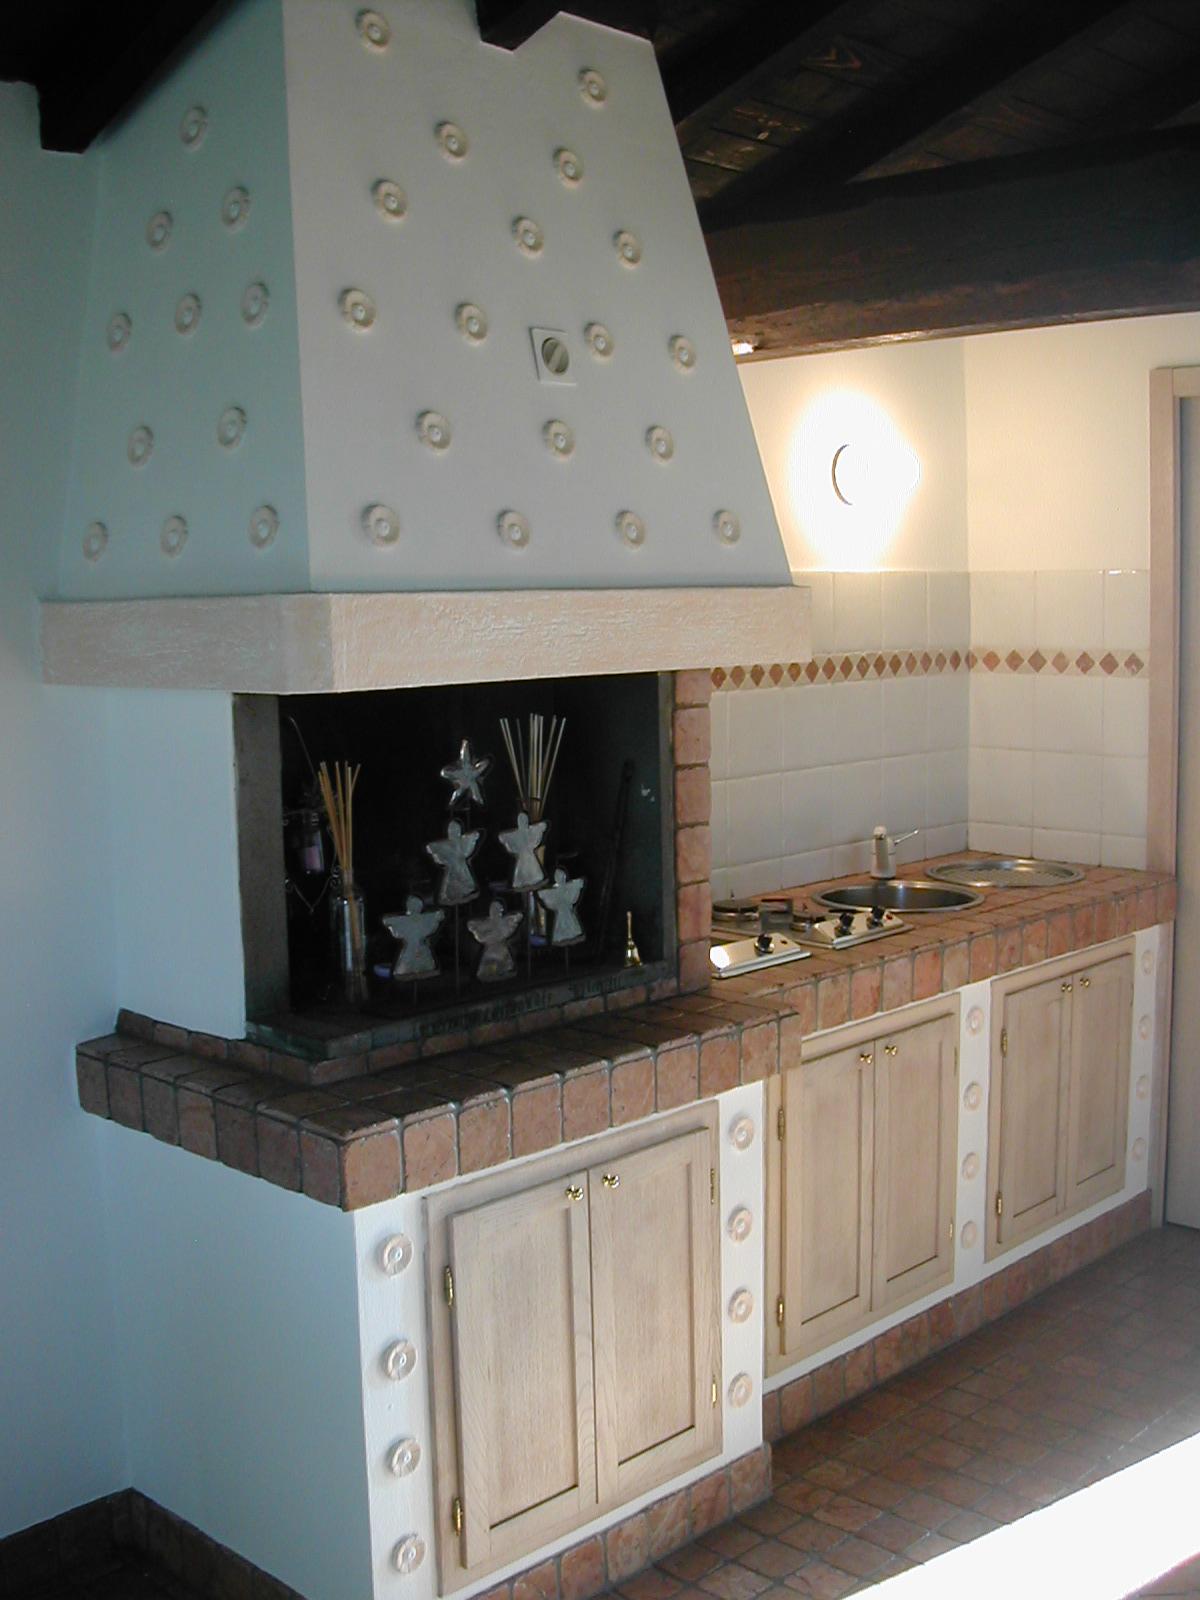 Decori soffitto legno: elica di legno del ventilatore da soffitto ...